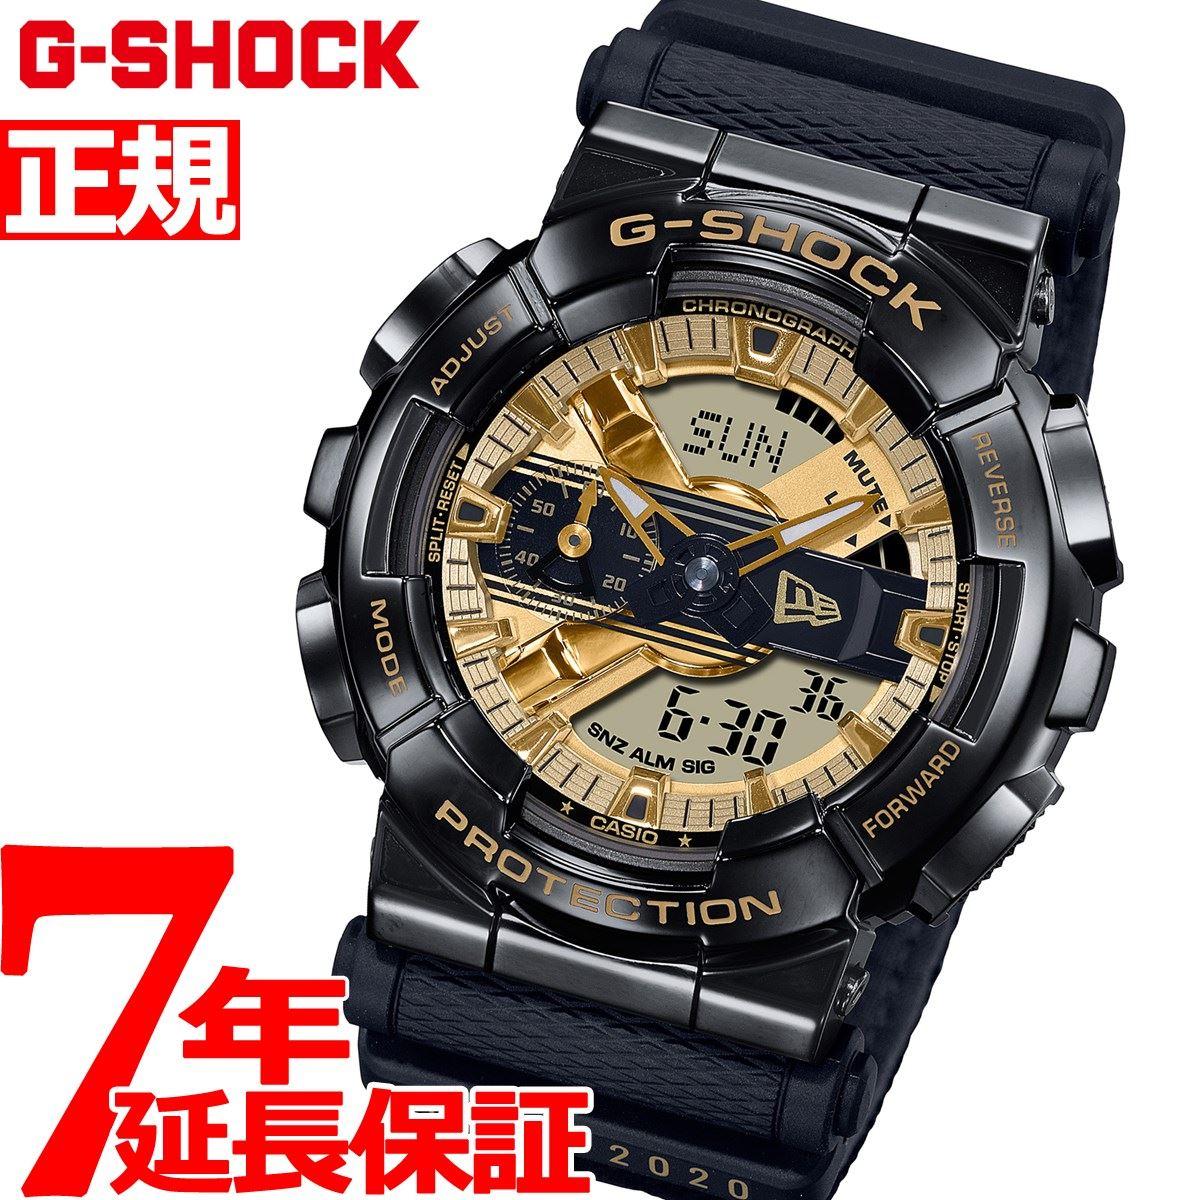 腕時計, メンズ腕時計 34.5G-SHOCK G CASIO NEW ERA GM-110NE-1AJR2020